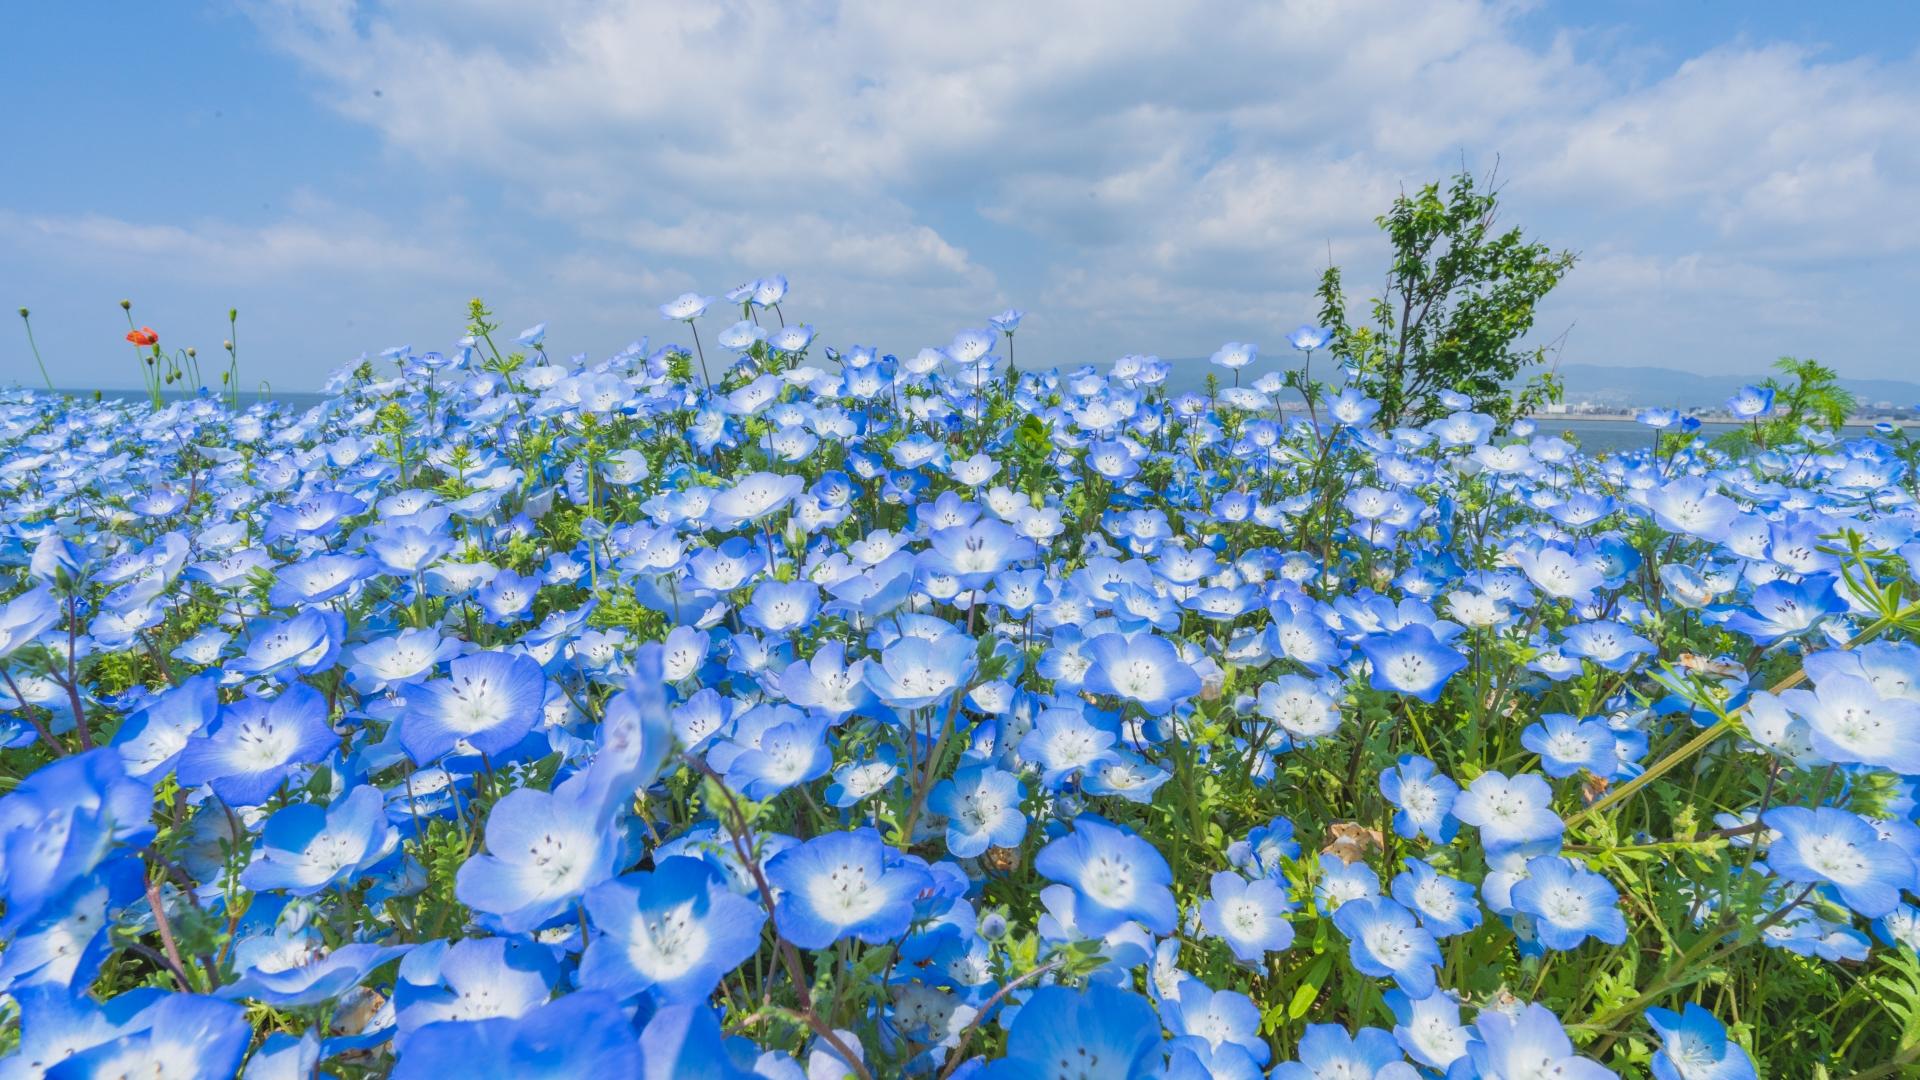 4083012_m 大阪府 大阪まいしまシーサイドパーク(一面に咲くネモフィラと空と海の青の絶景スポット! 写真の紹介、アクセス情報など)